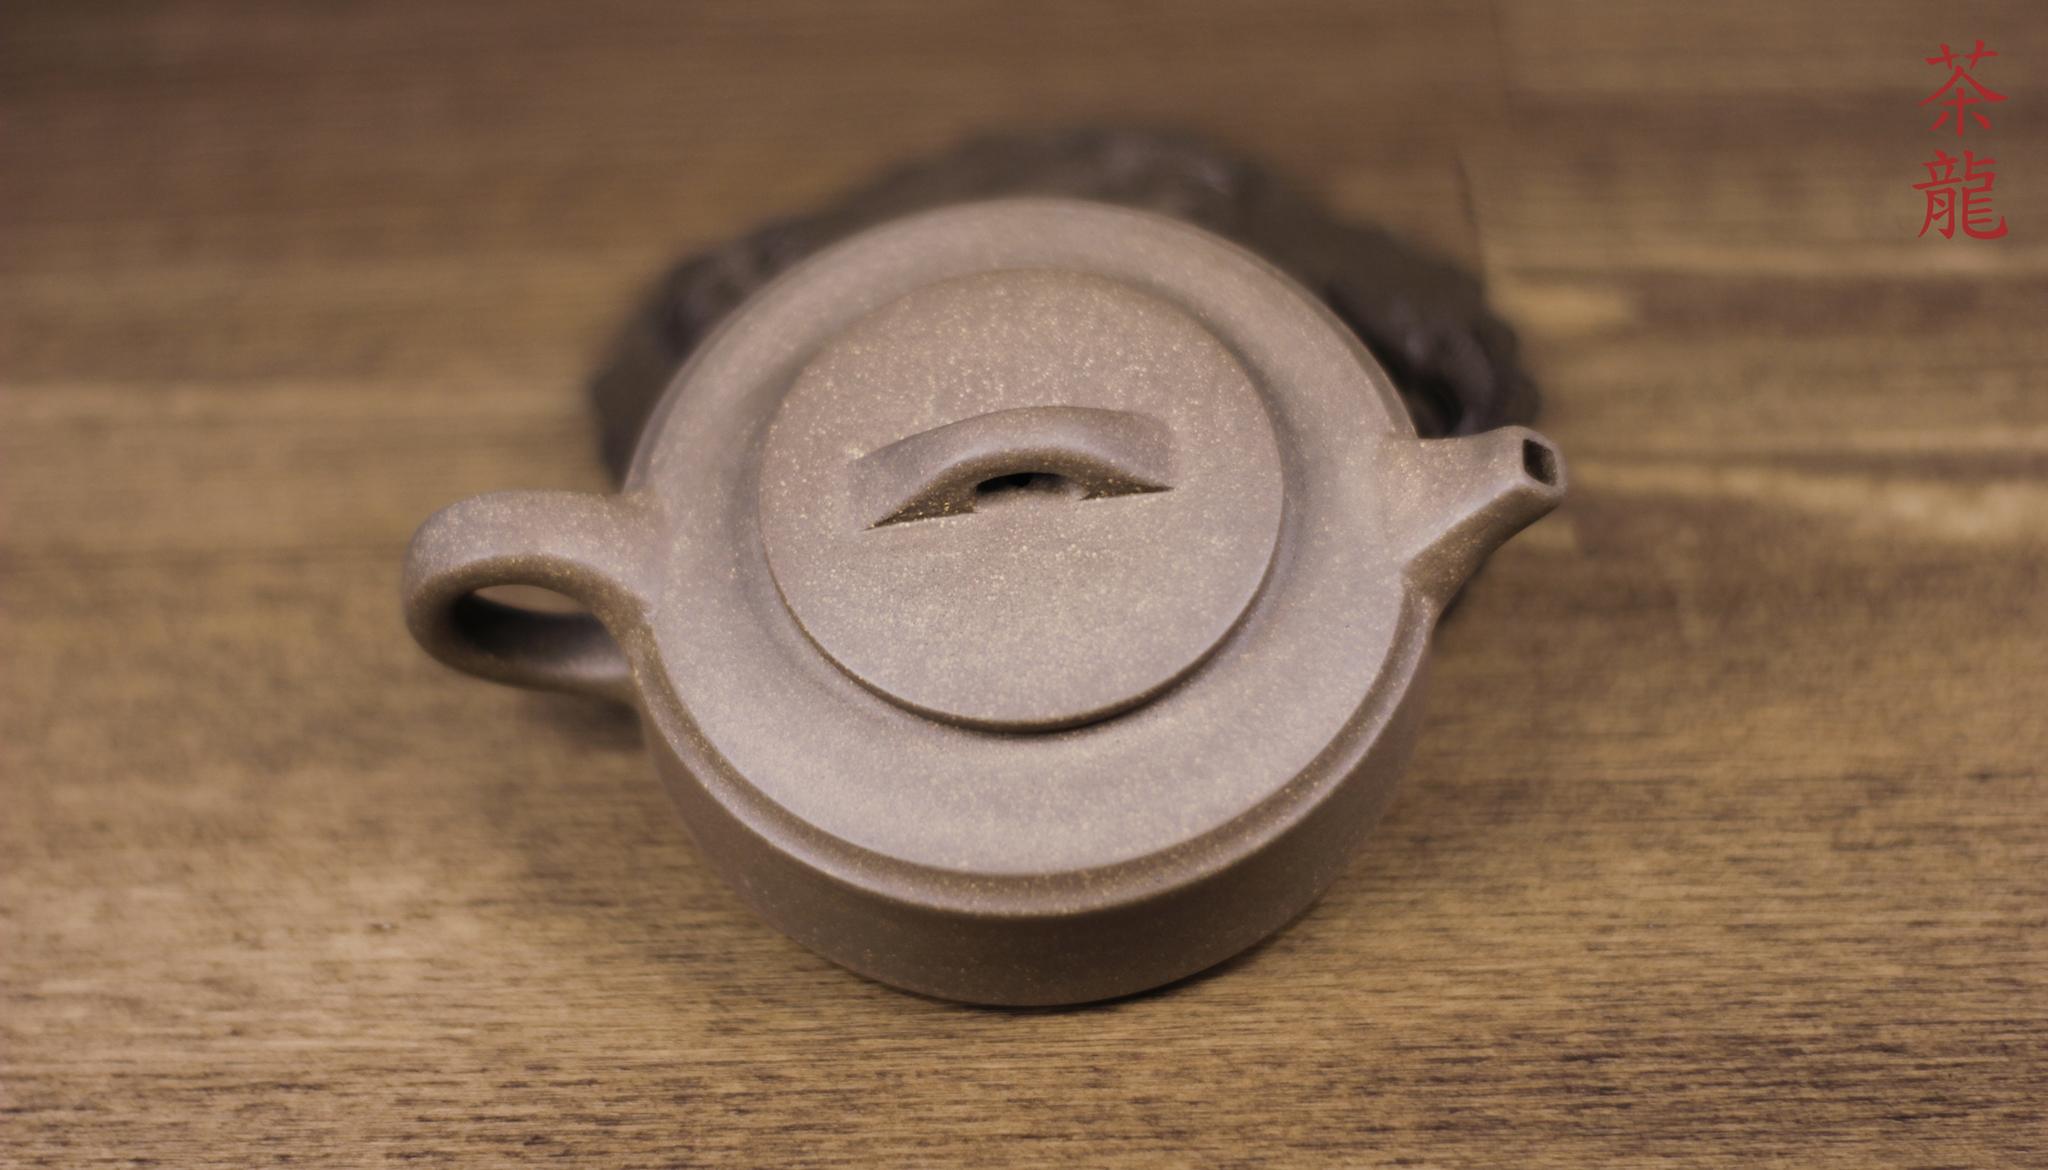 Исинский чайник Чжоу Пан 170 мл